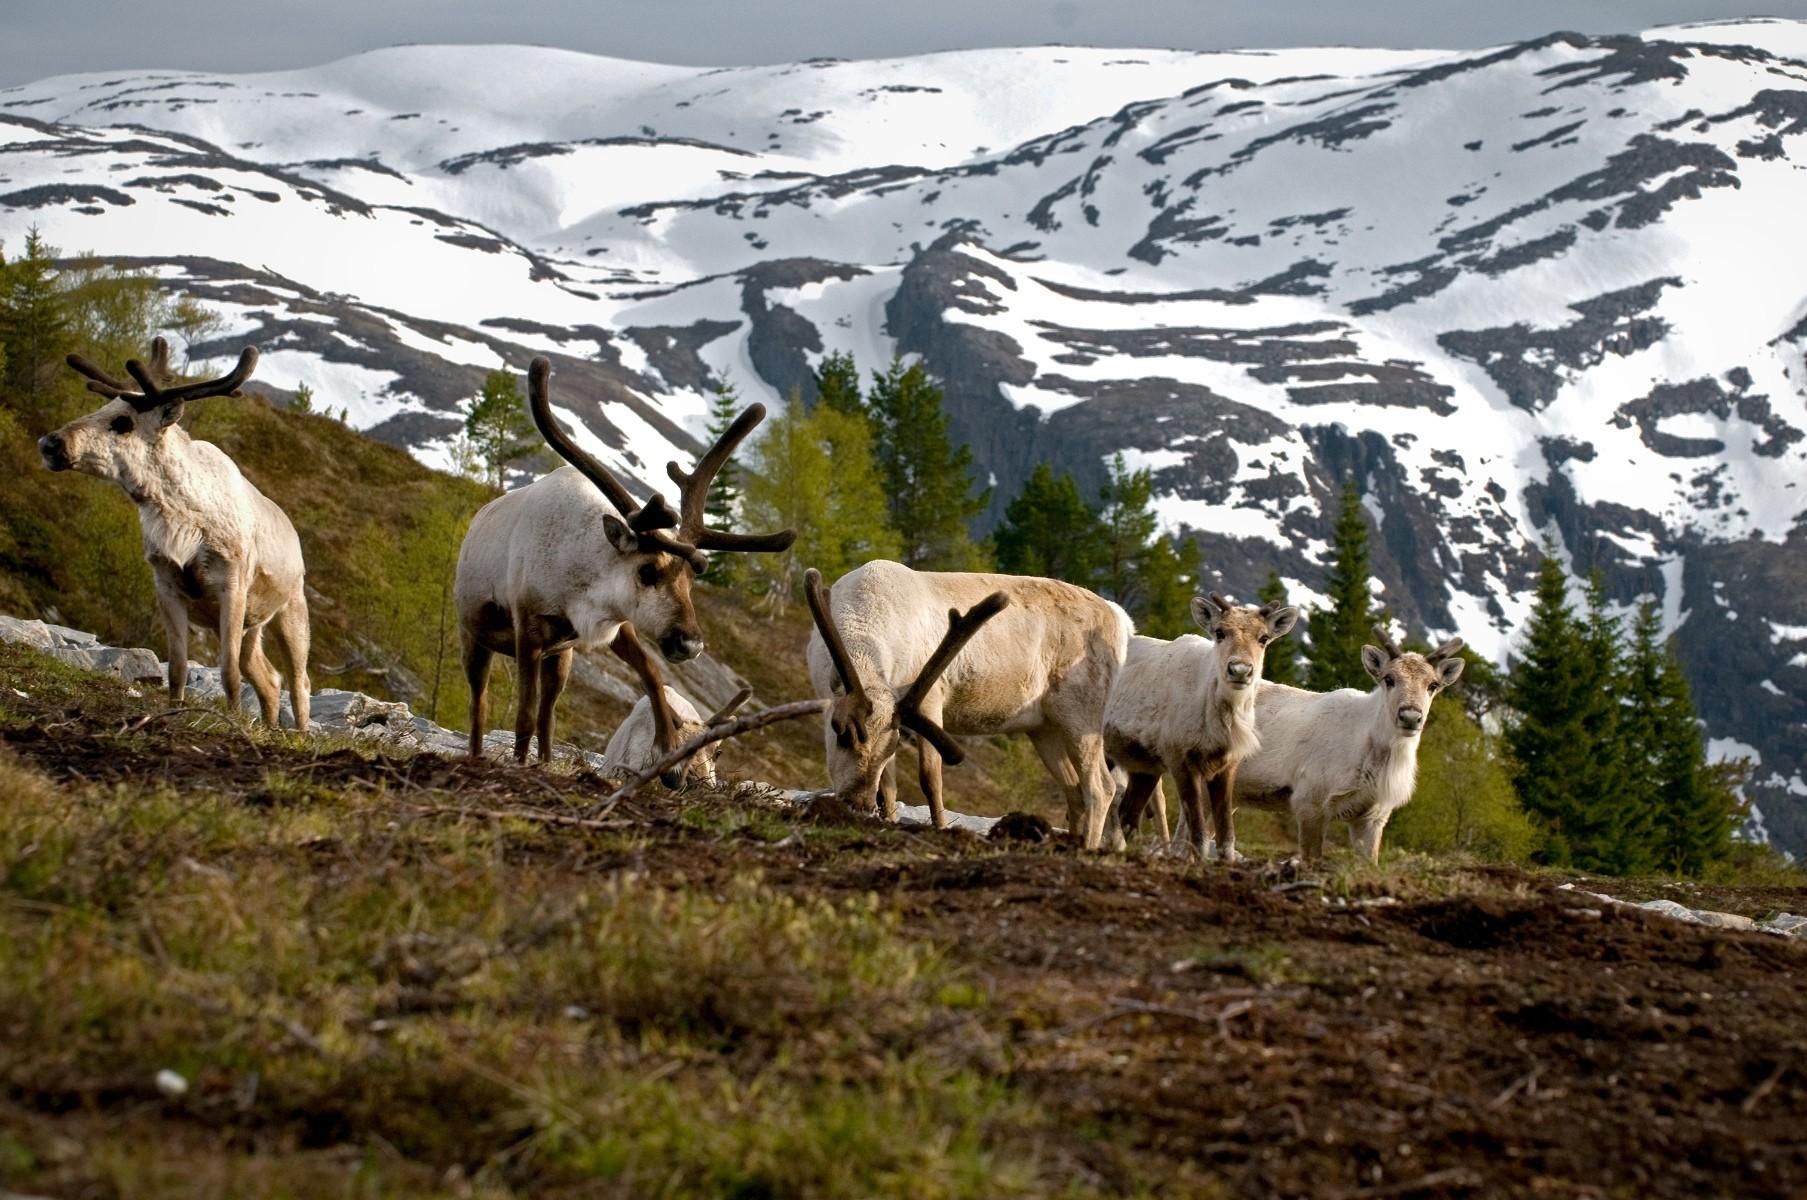 ВНорвегии зачетыре дня поезда сбили 106 северных оленей